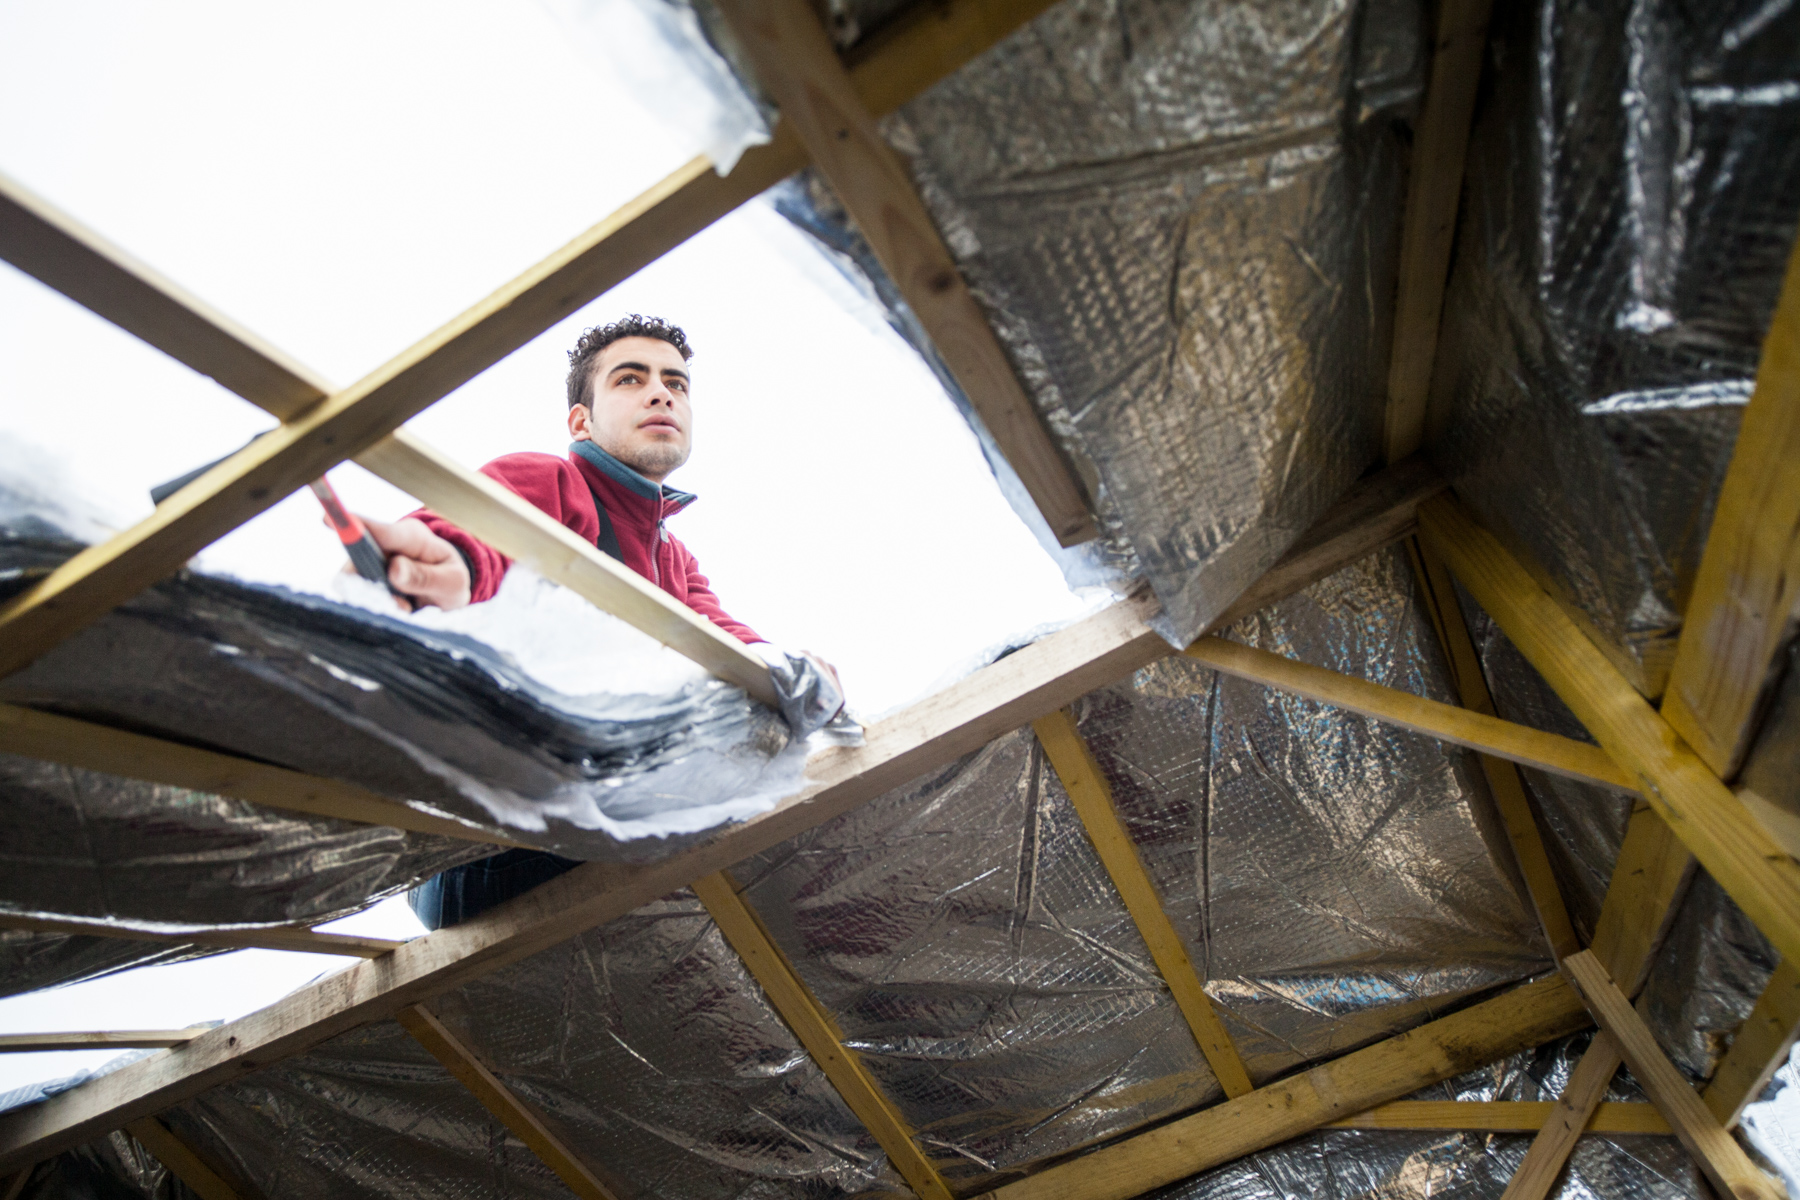 """De jeunes égyptiens terminent la construction de leur cabane, avec les membres de """"L'Auberge des migrants"""". L'hiver qui s'annonce rude oblige chacun à s'équiper.  Témoignage Chrétien - 23.10.15"""